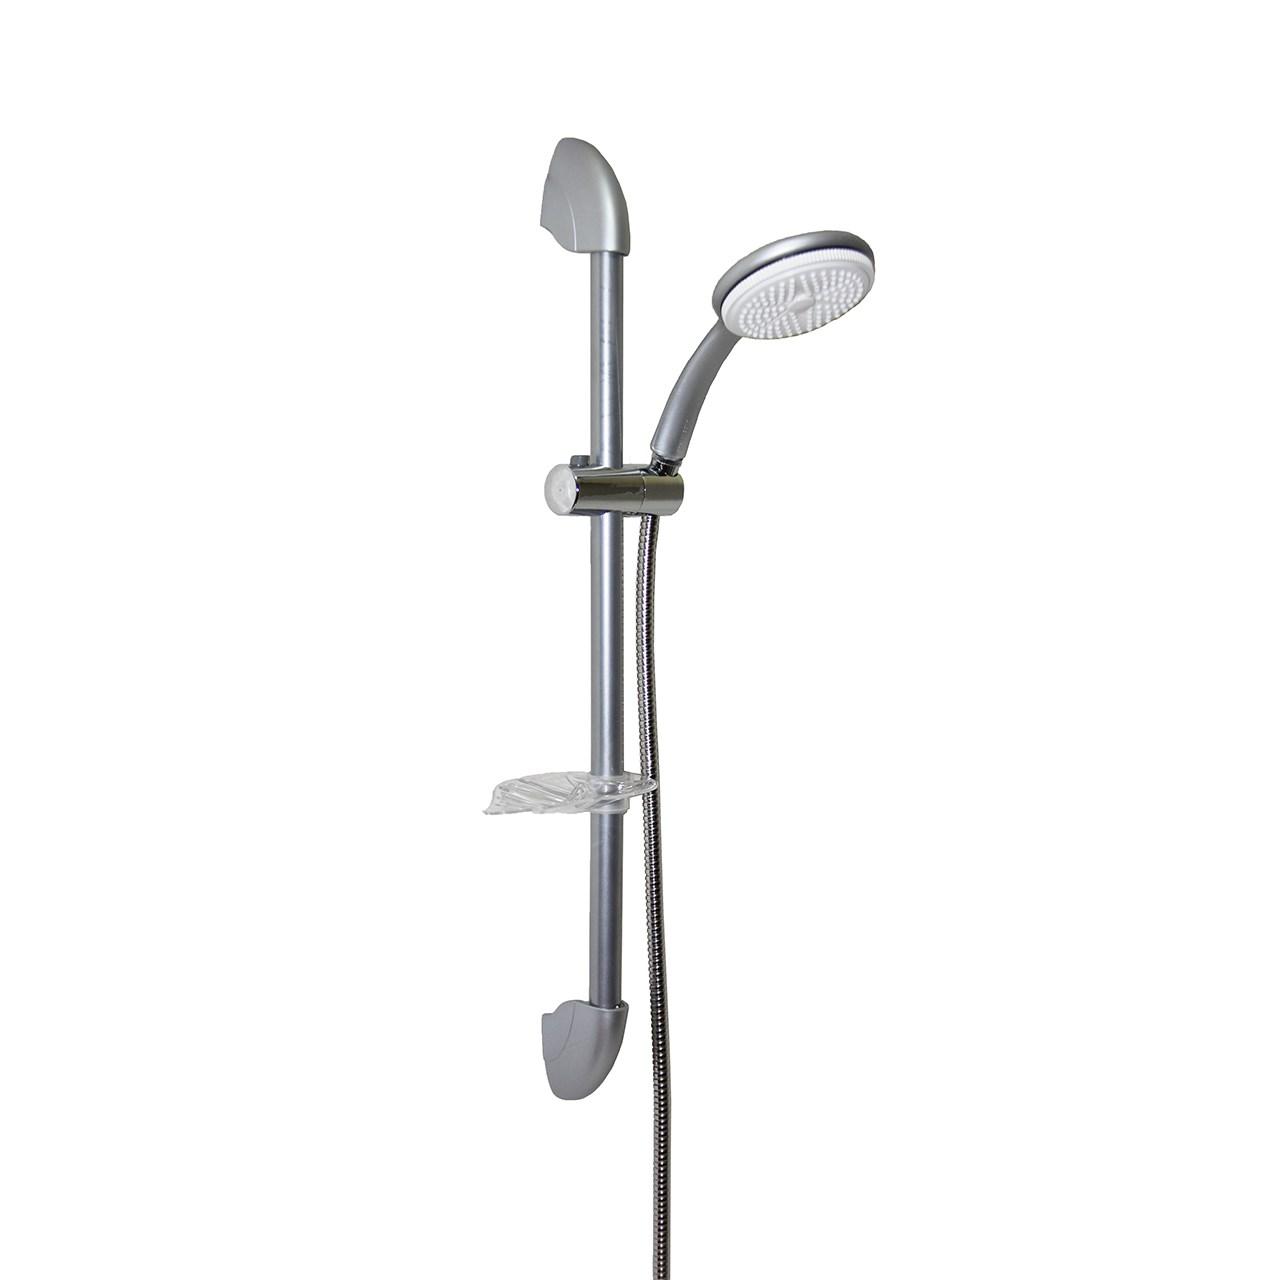 قیمت                                      دوش حمام شیرکس مدل یونیکا